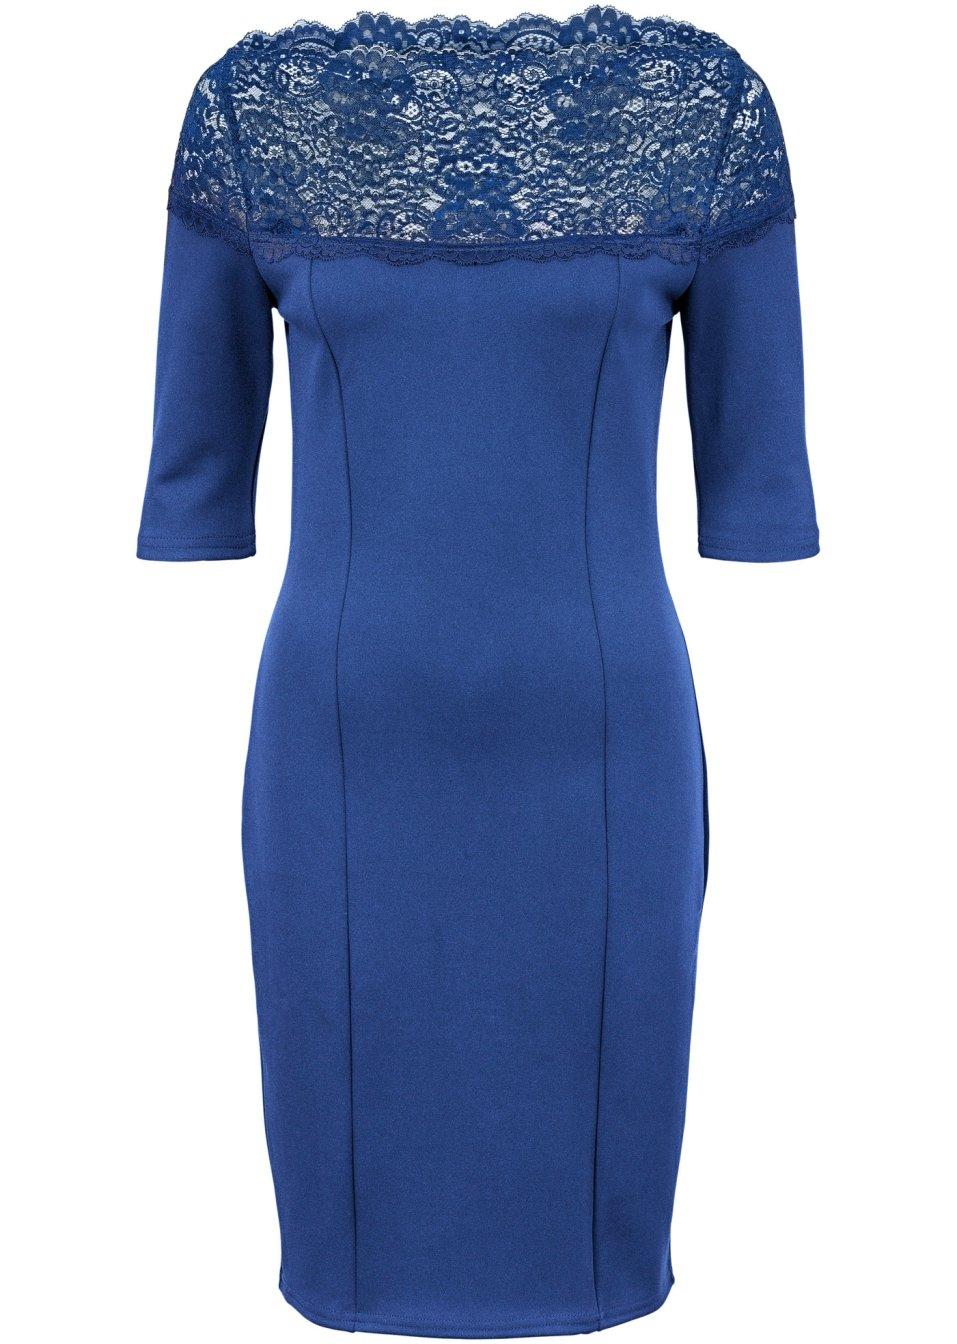 robe en jersey avec dentelle bleu saphir femme. Black Bedroom Furniture Sets. Home Design Ideas